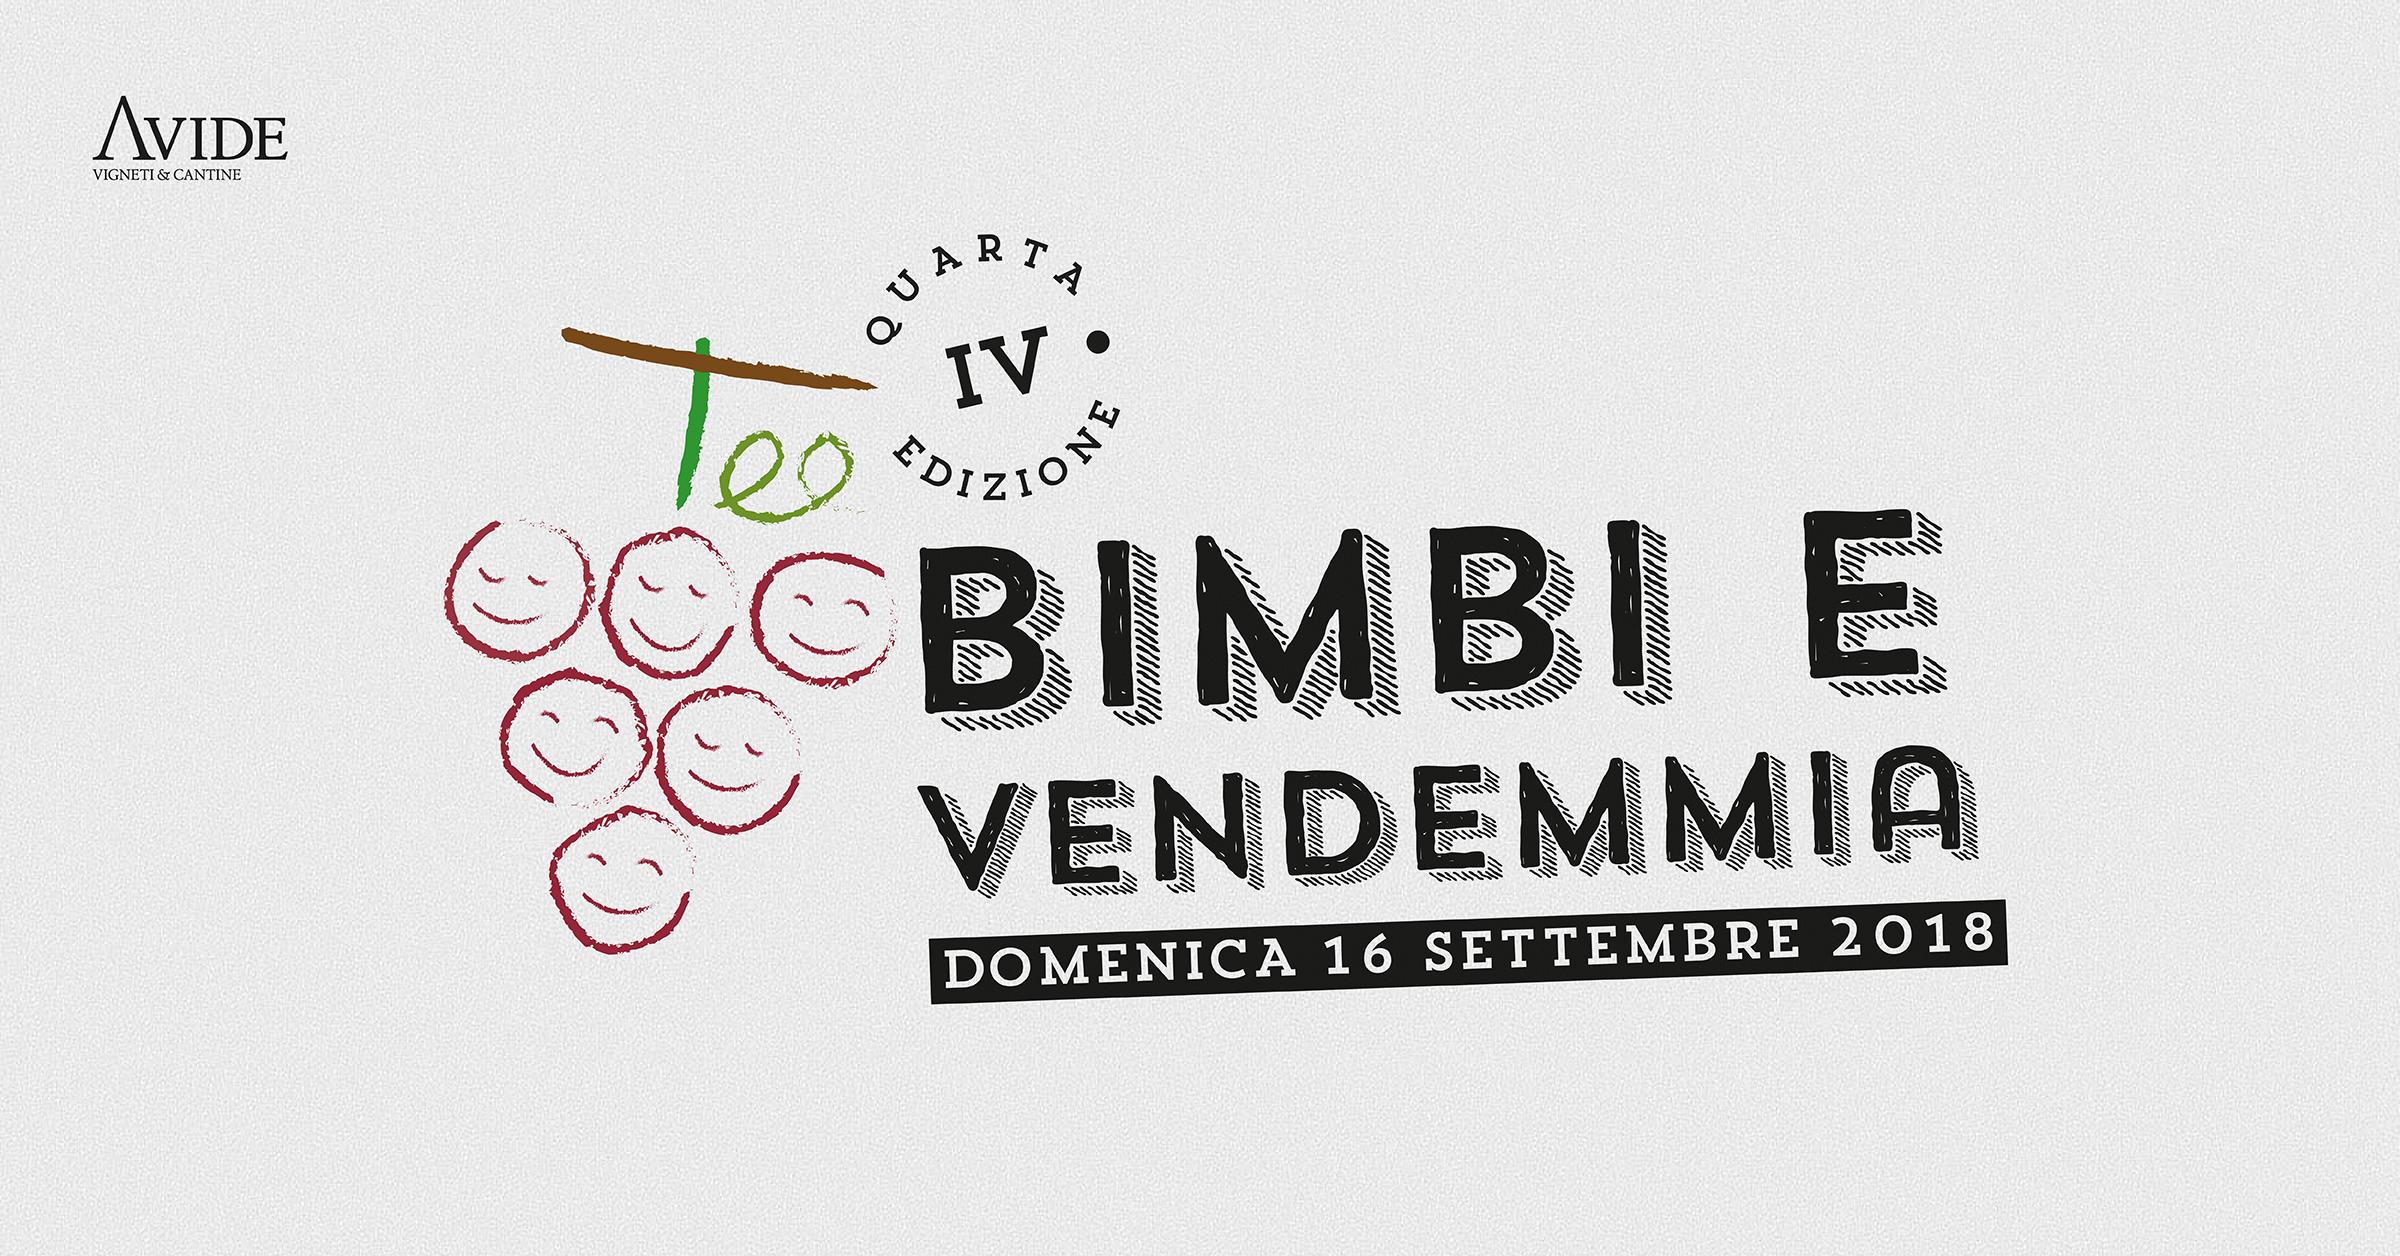 Torna Bimbi e Vendemmia, il 16 settembre da Avide Vigneti & Cantine